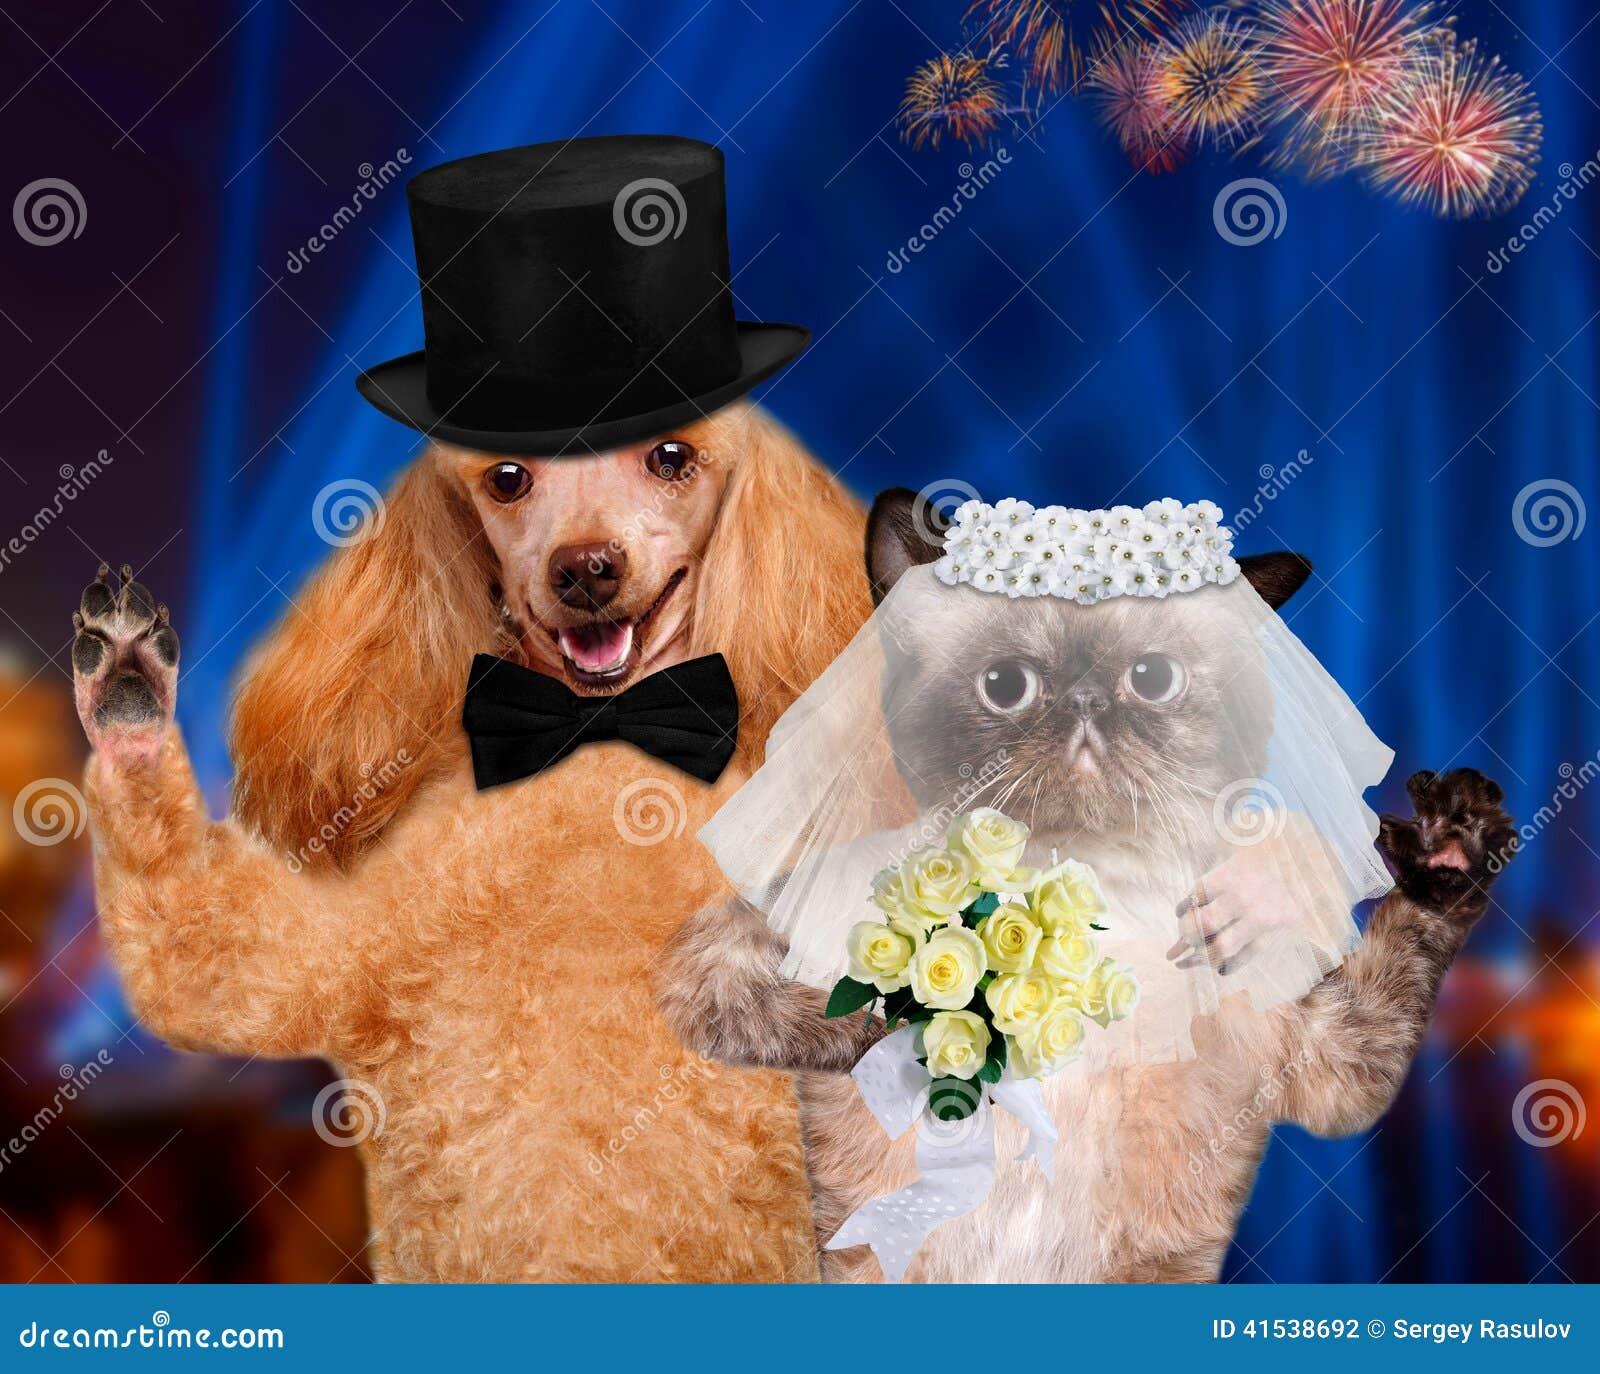 cat and dog wedding stock photo image of joke